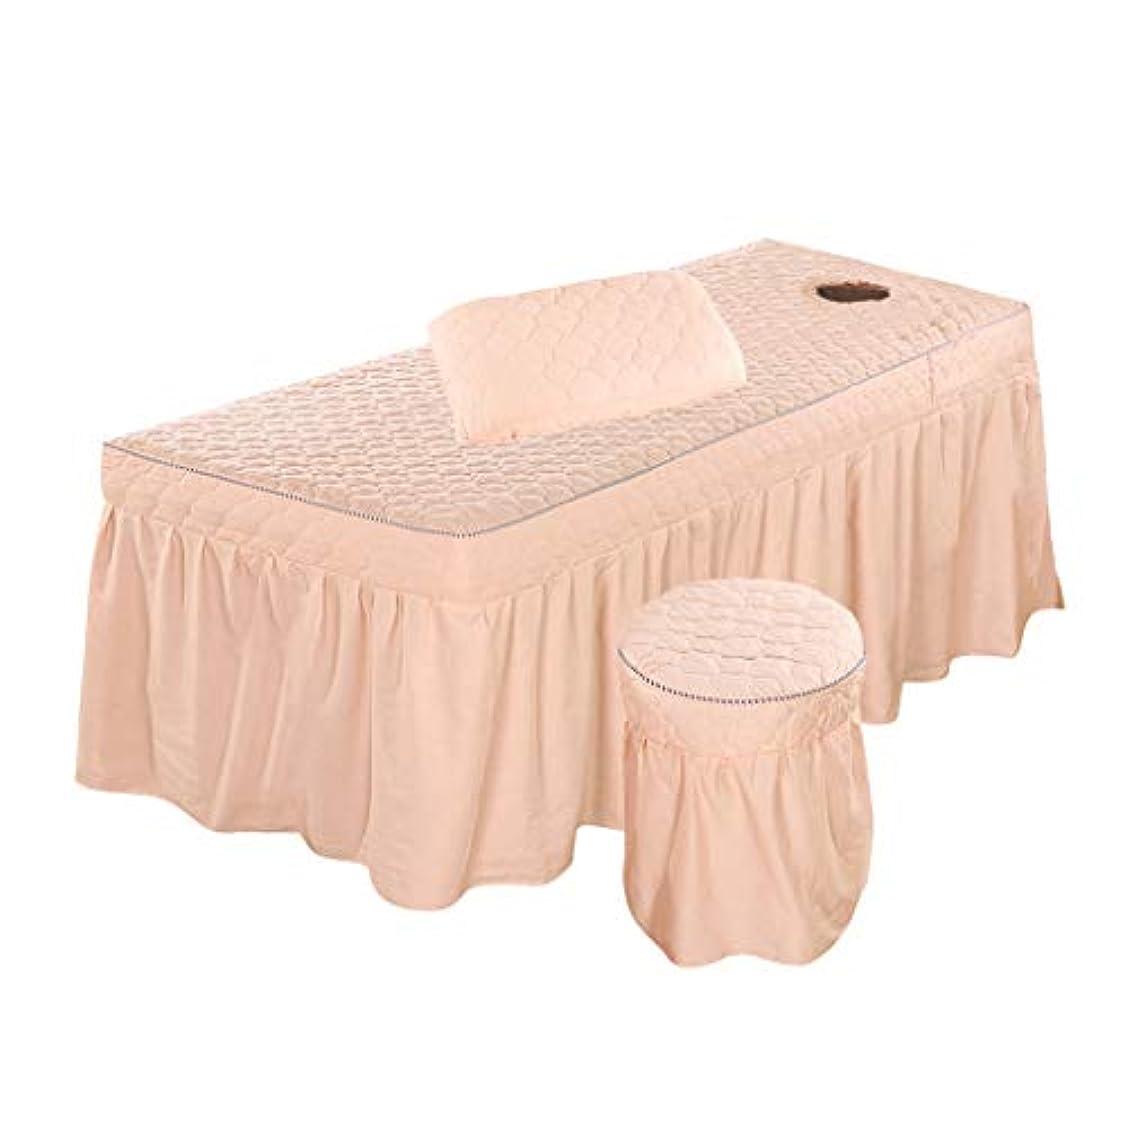 頑固な化石閉じるマッサージベッドカバー 有孔 スツールカバー 枕カバー 快適 3個/セット - ライトピンク